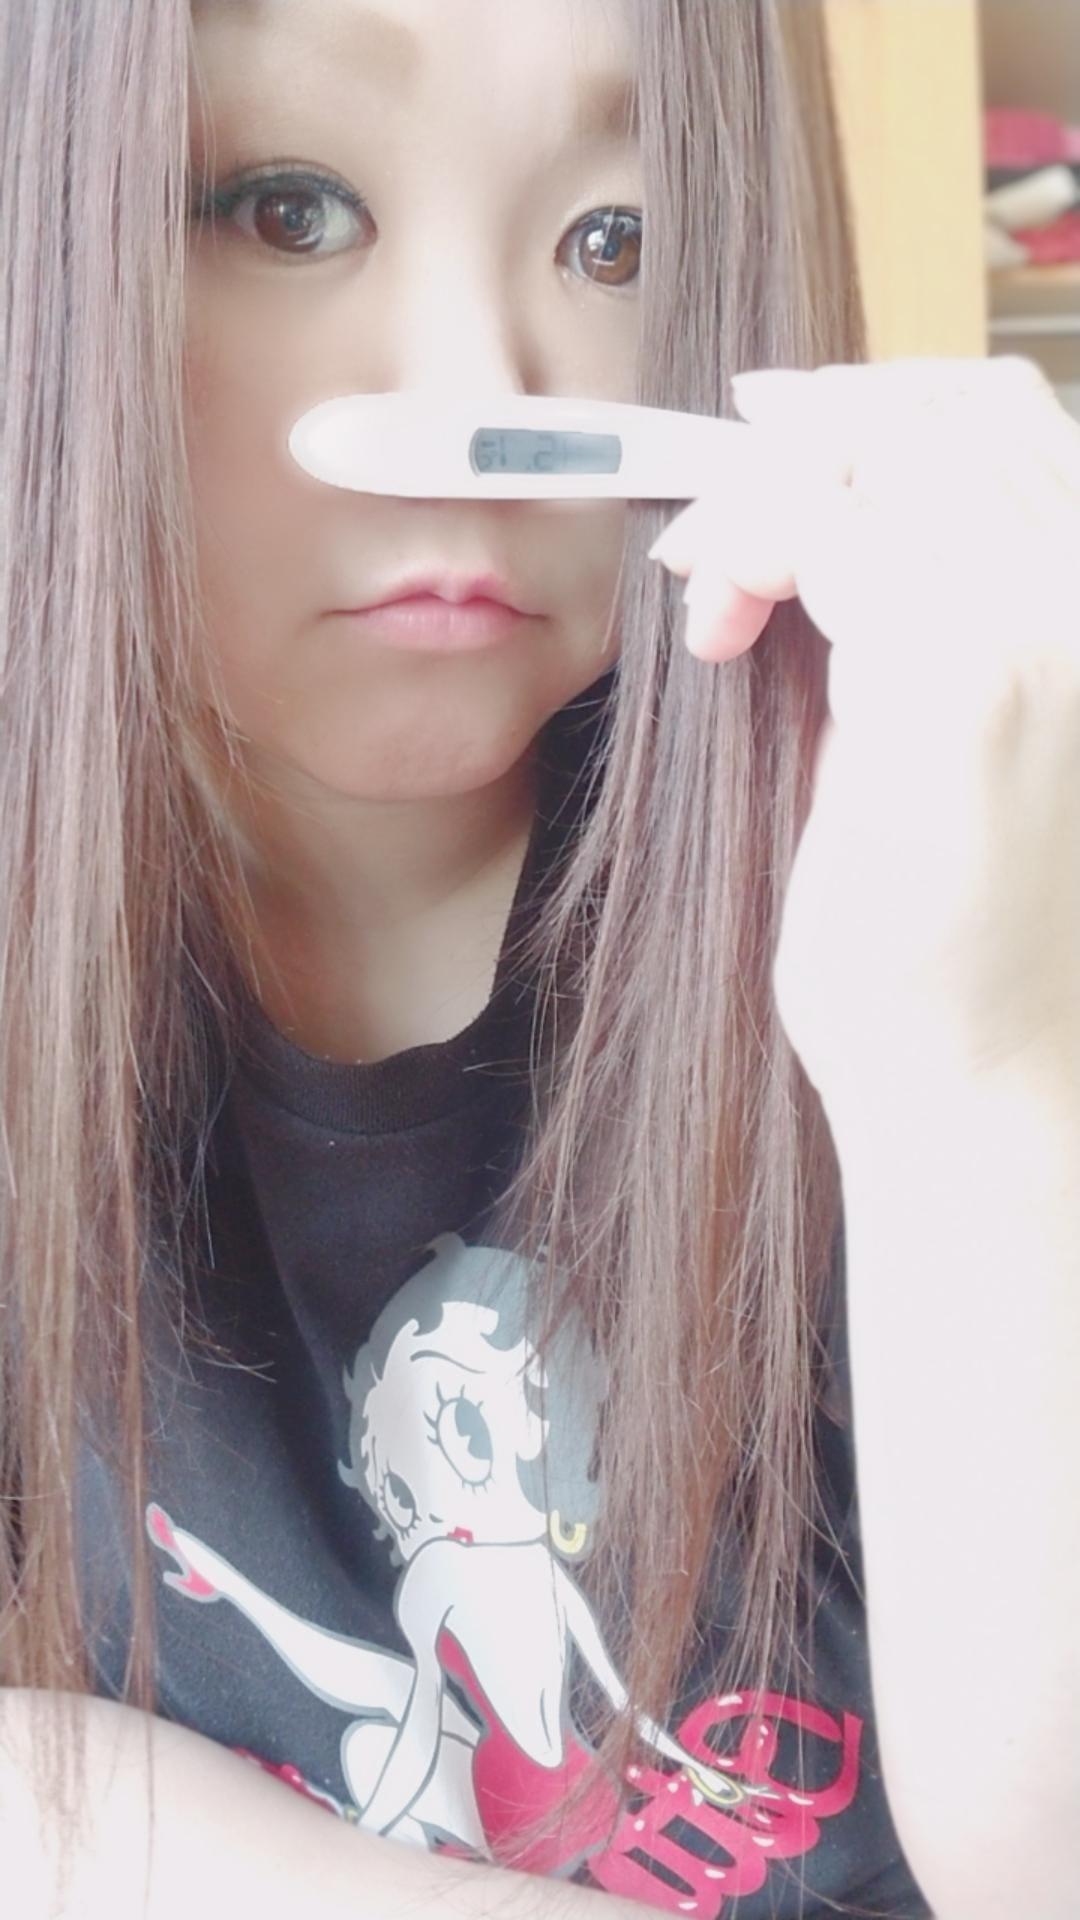 ねあ@変態めちゃ感☆強○願望|静岡県デリヘルの最新写メ日記